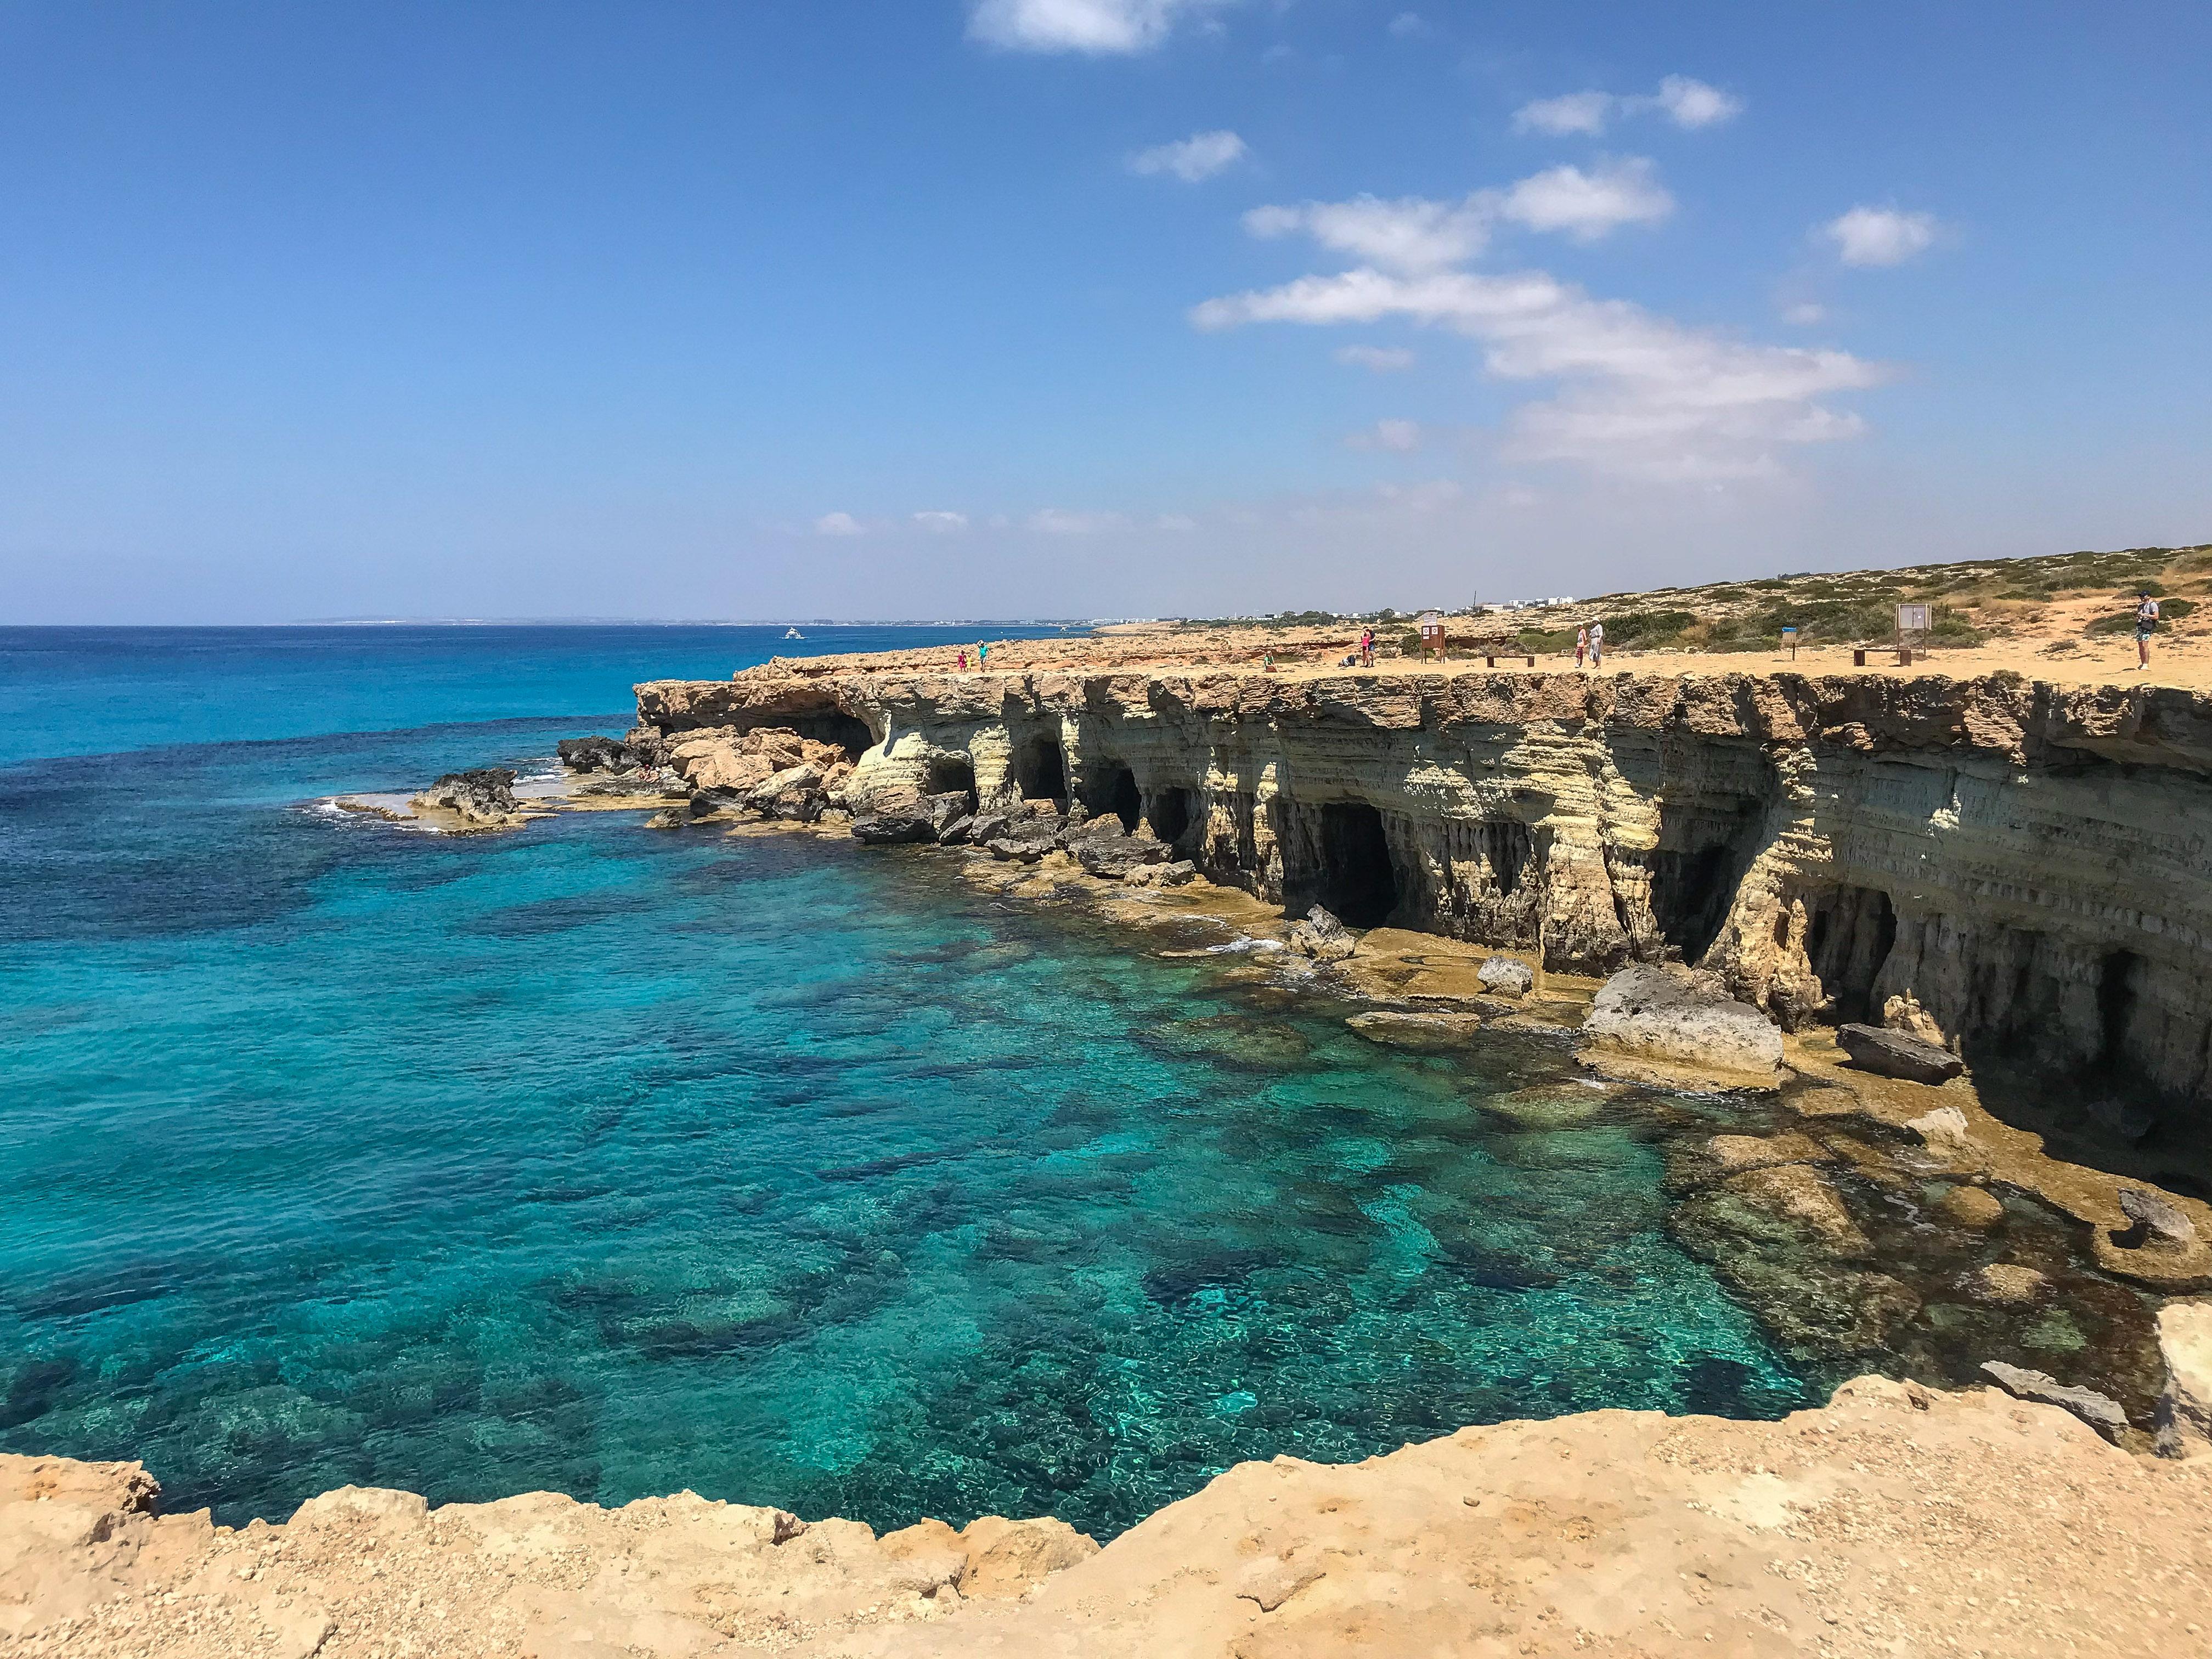 things to do near ayia napa - Cape Grekko Sea Caves